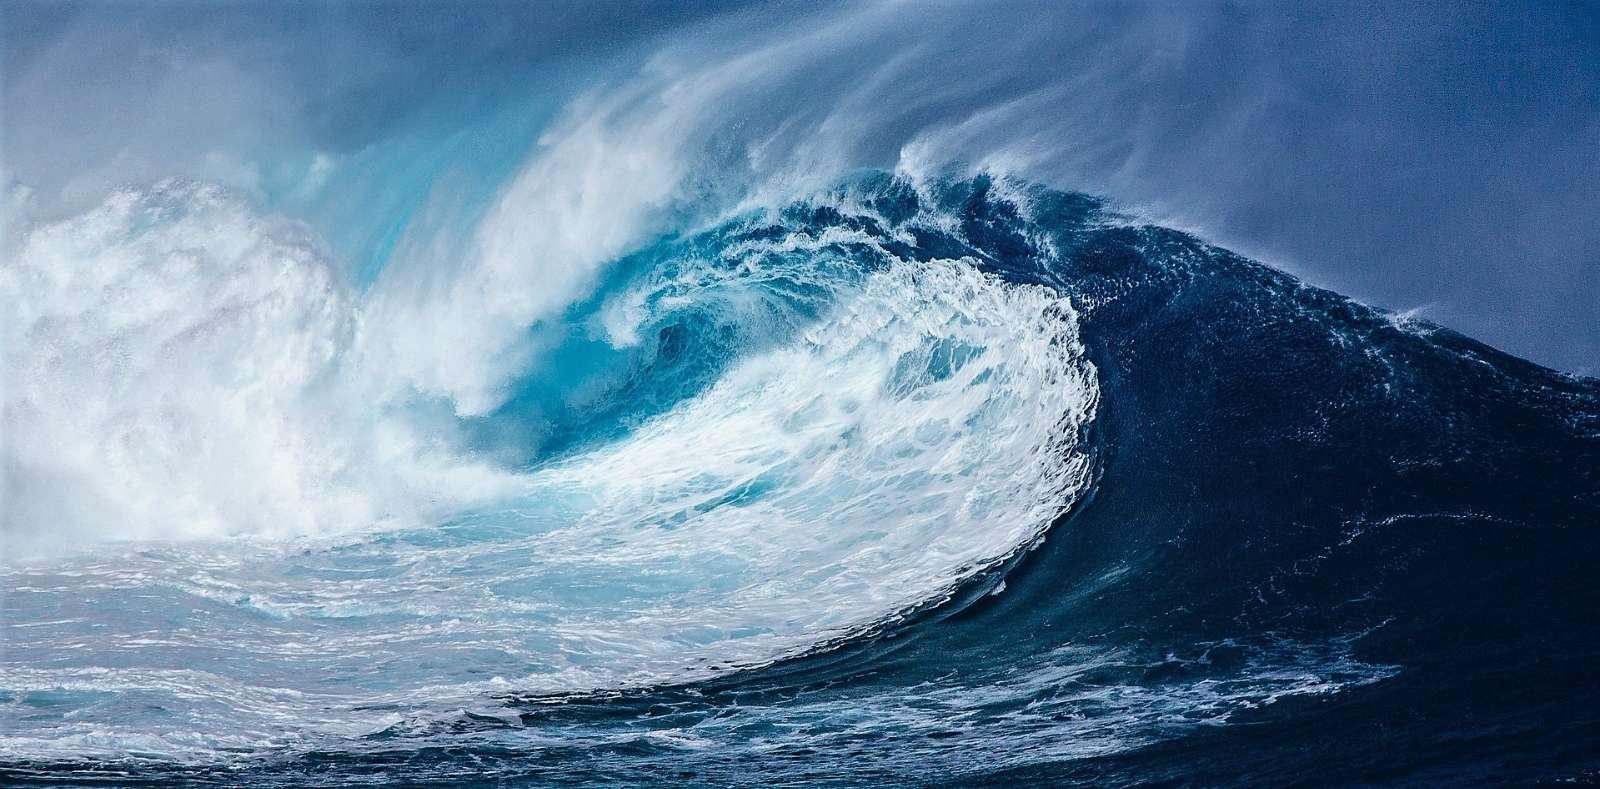 L'onda